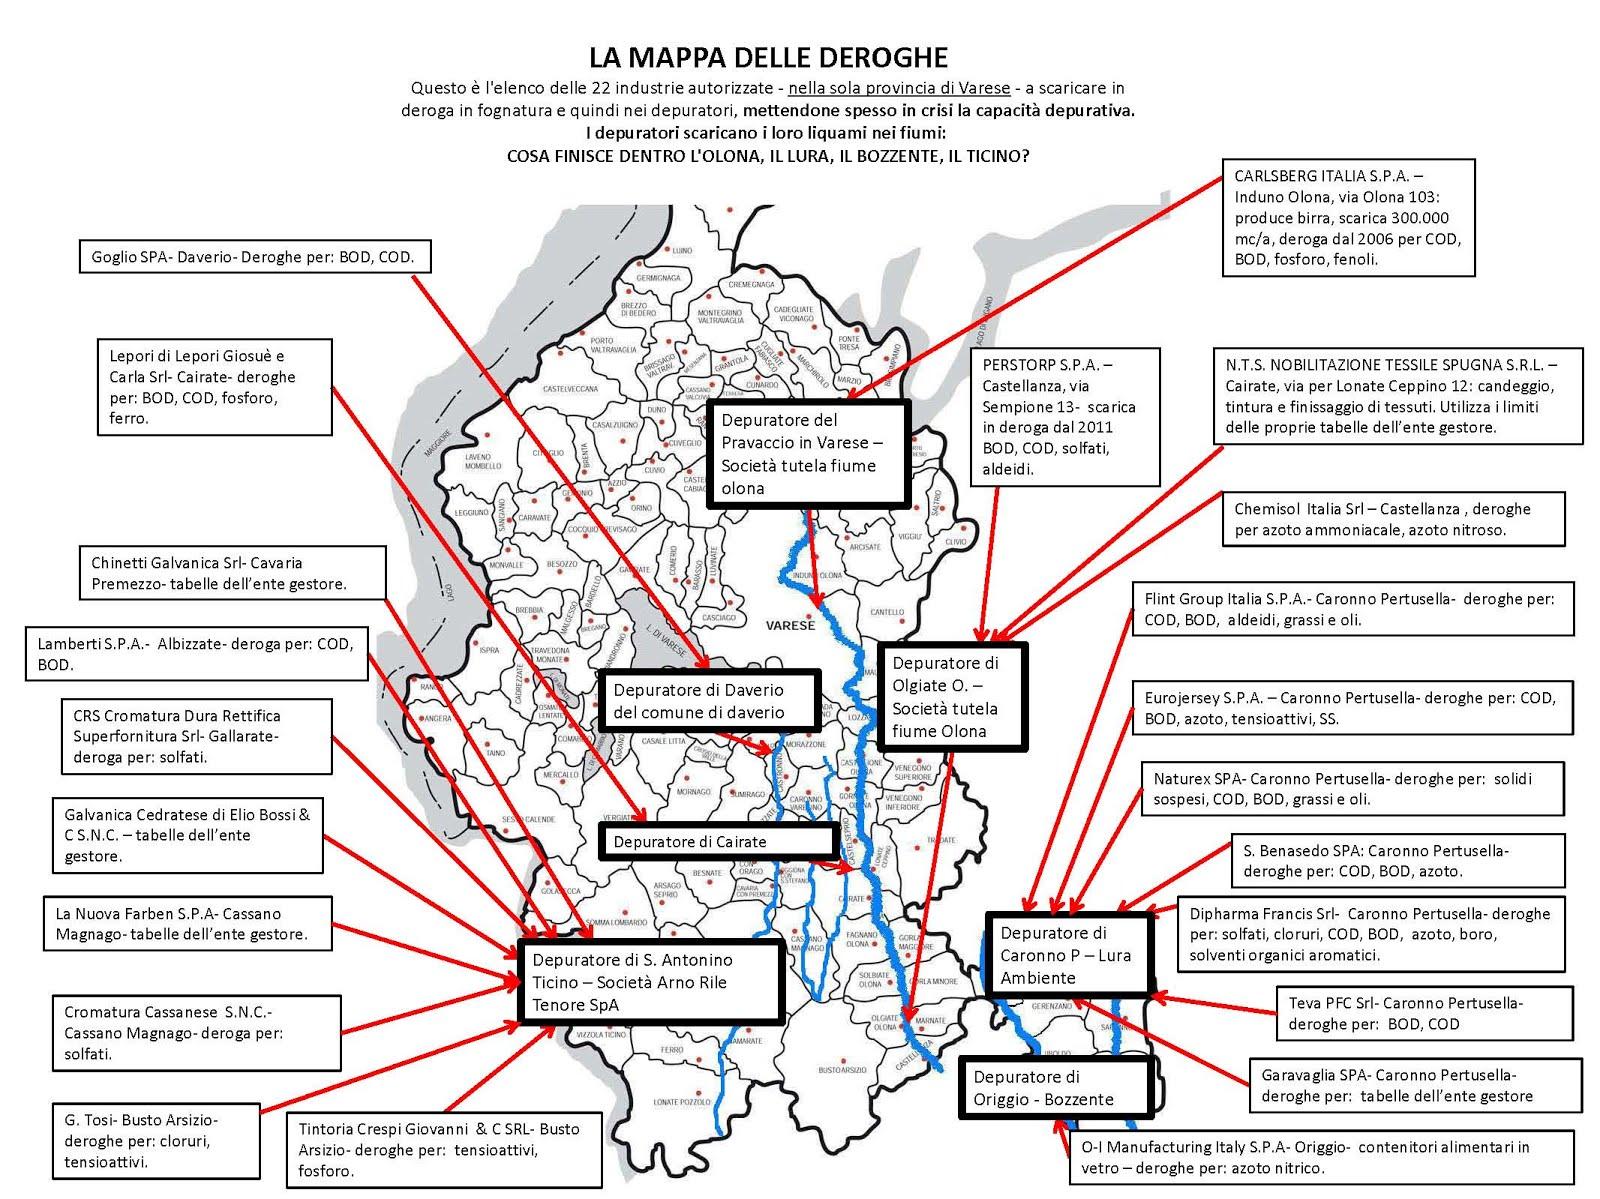 MAPPA DELLE DEROGHE IN PROVINCIA DI VARESE